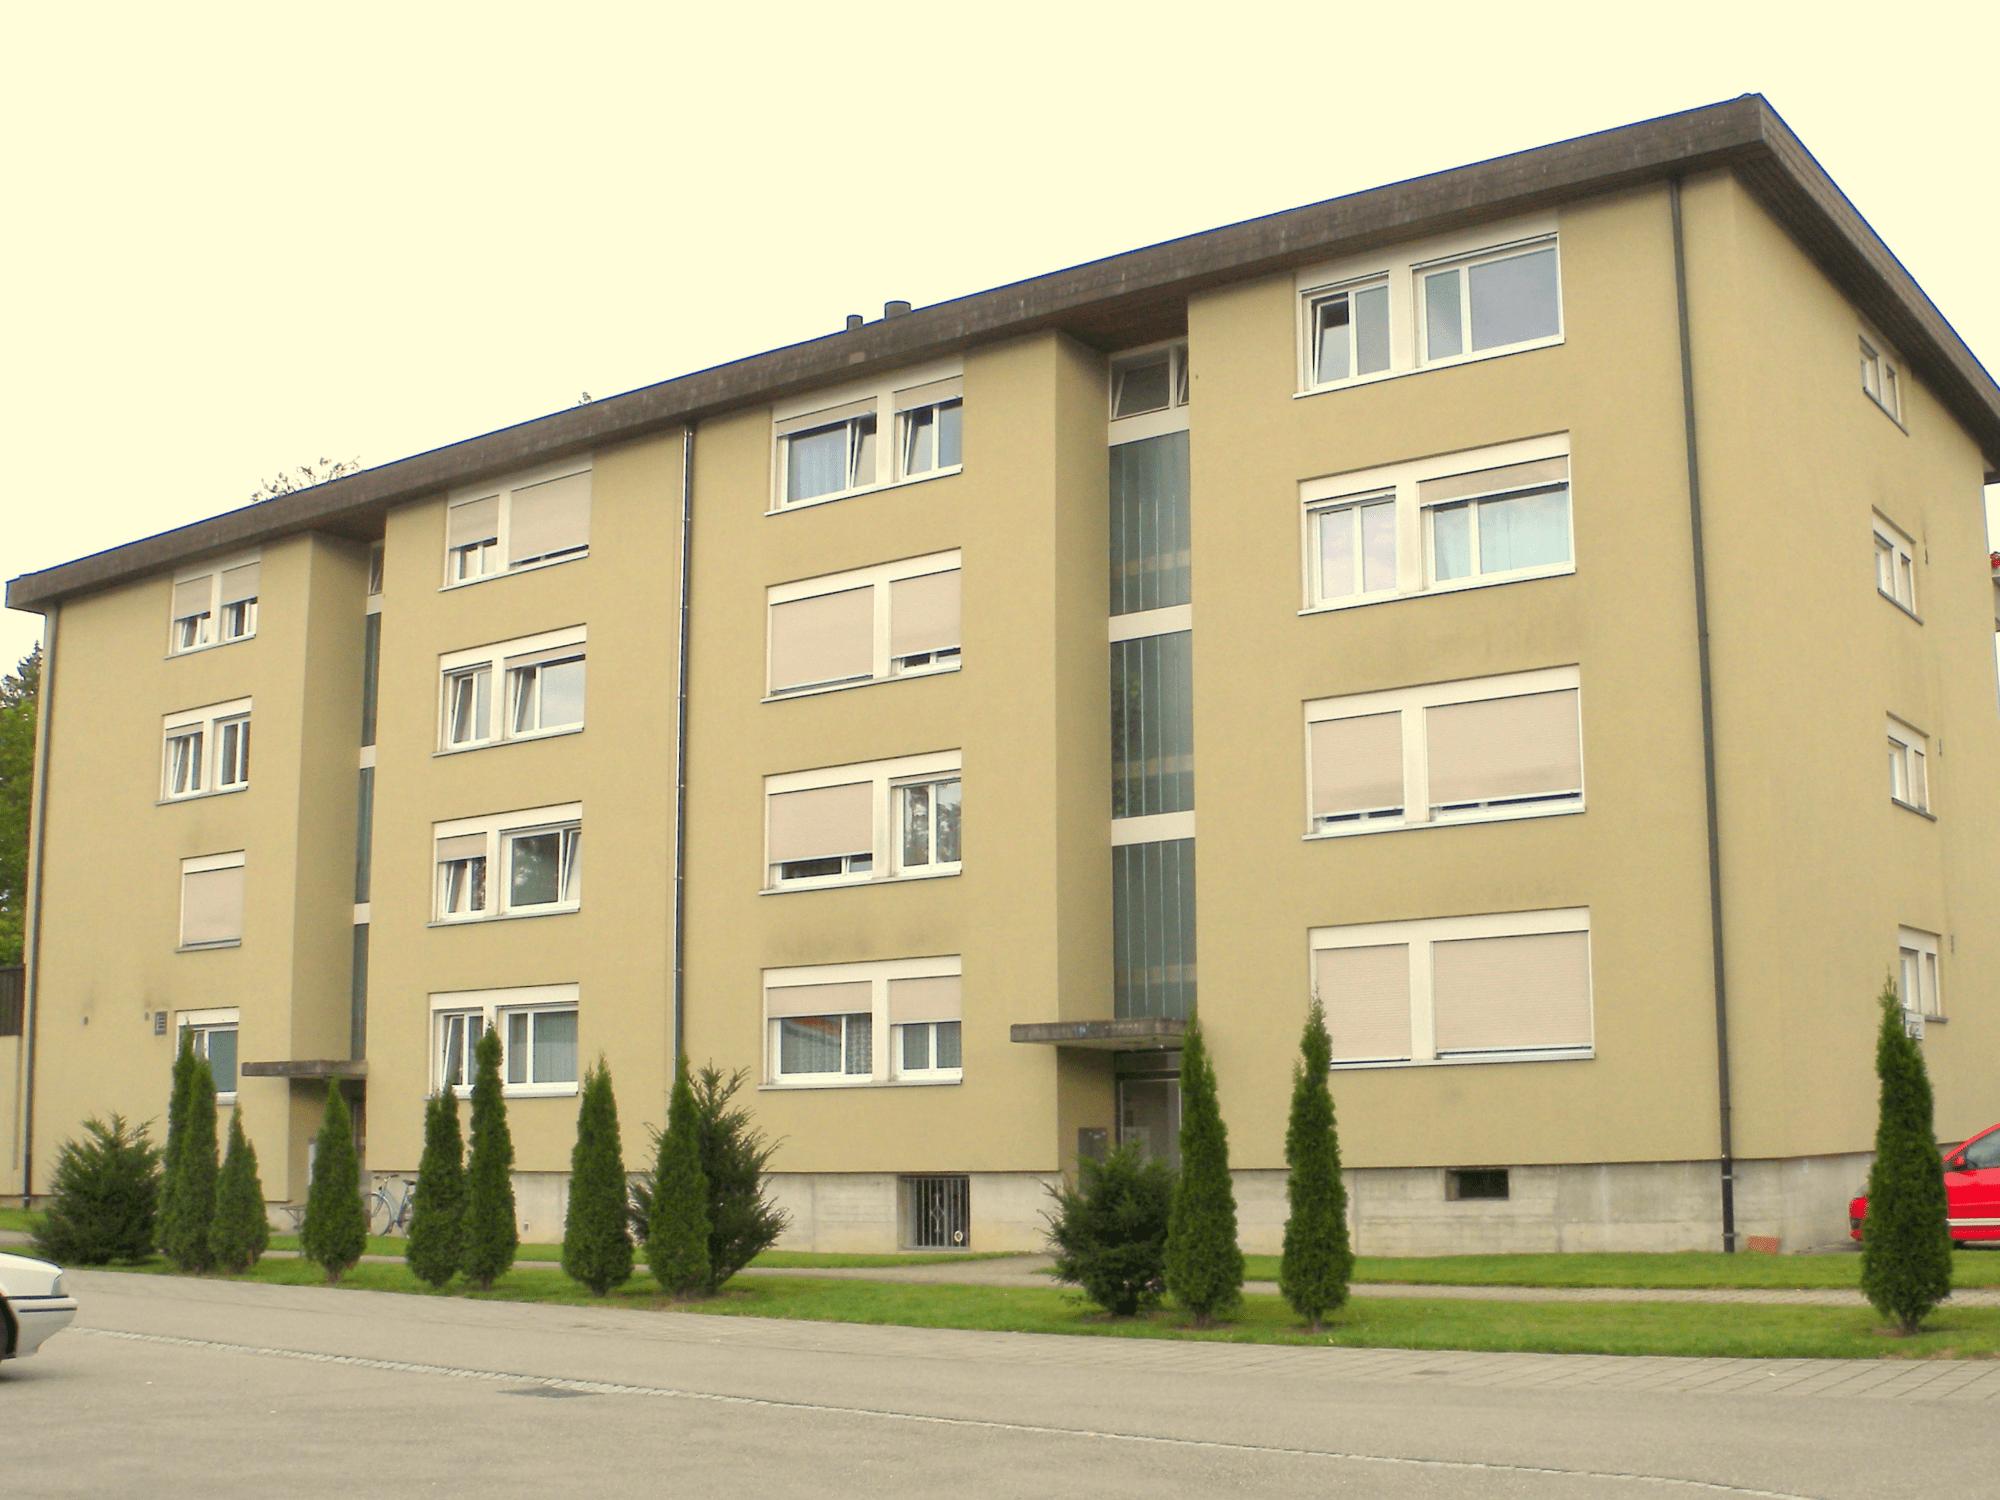 Mehrfamilienhaus in Aarwangen